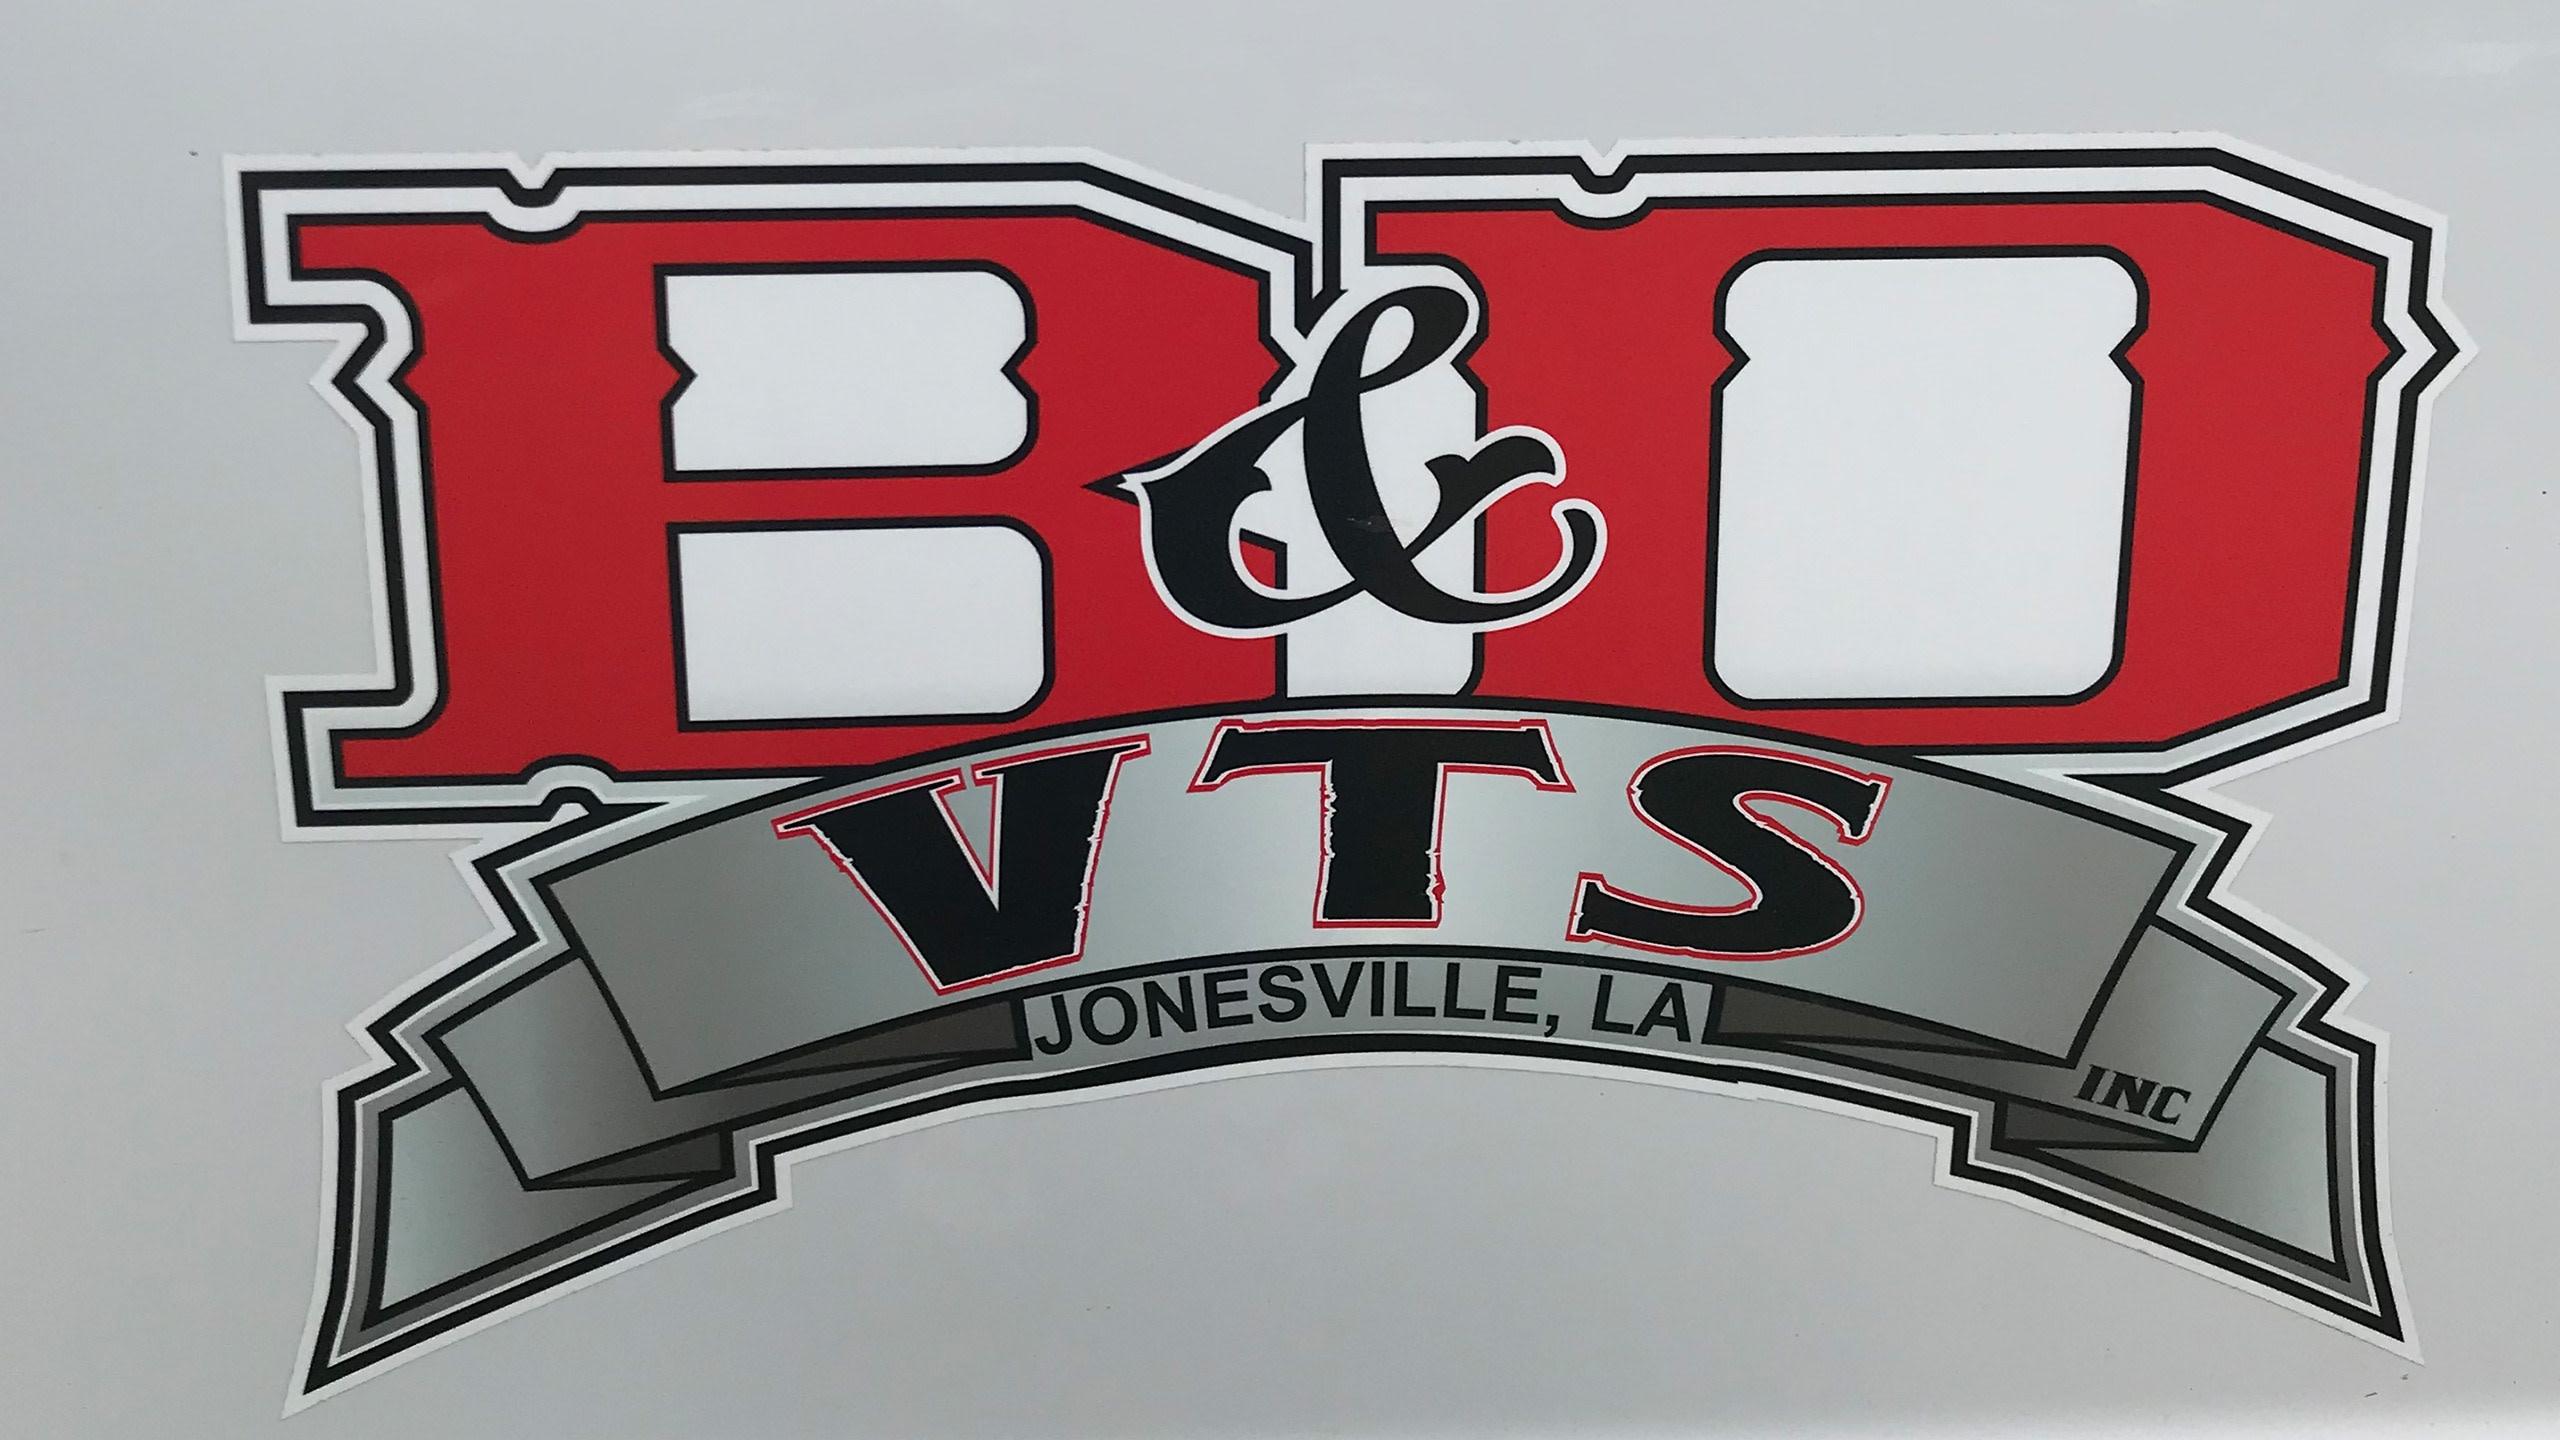 B&D Vacuum Truck Services